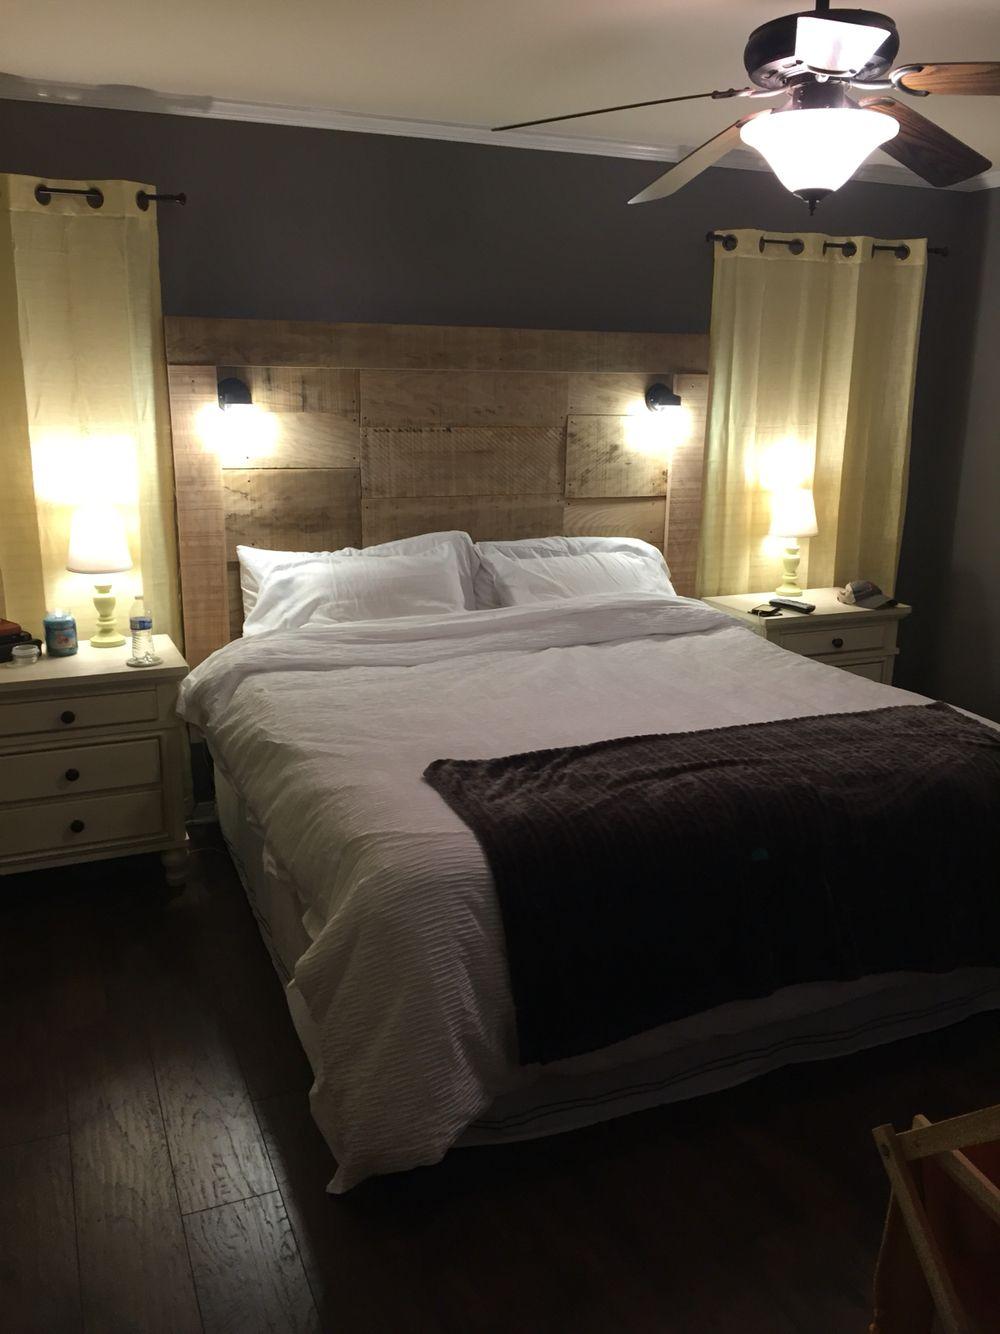 Barn wood headboard with wall lamps. Barnwood headboard